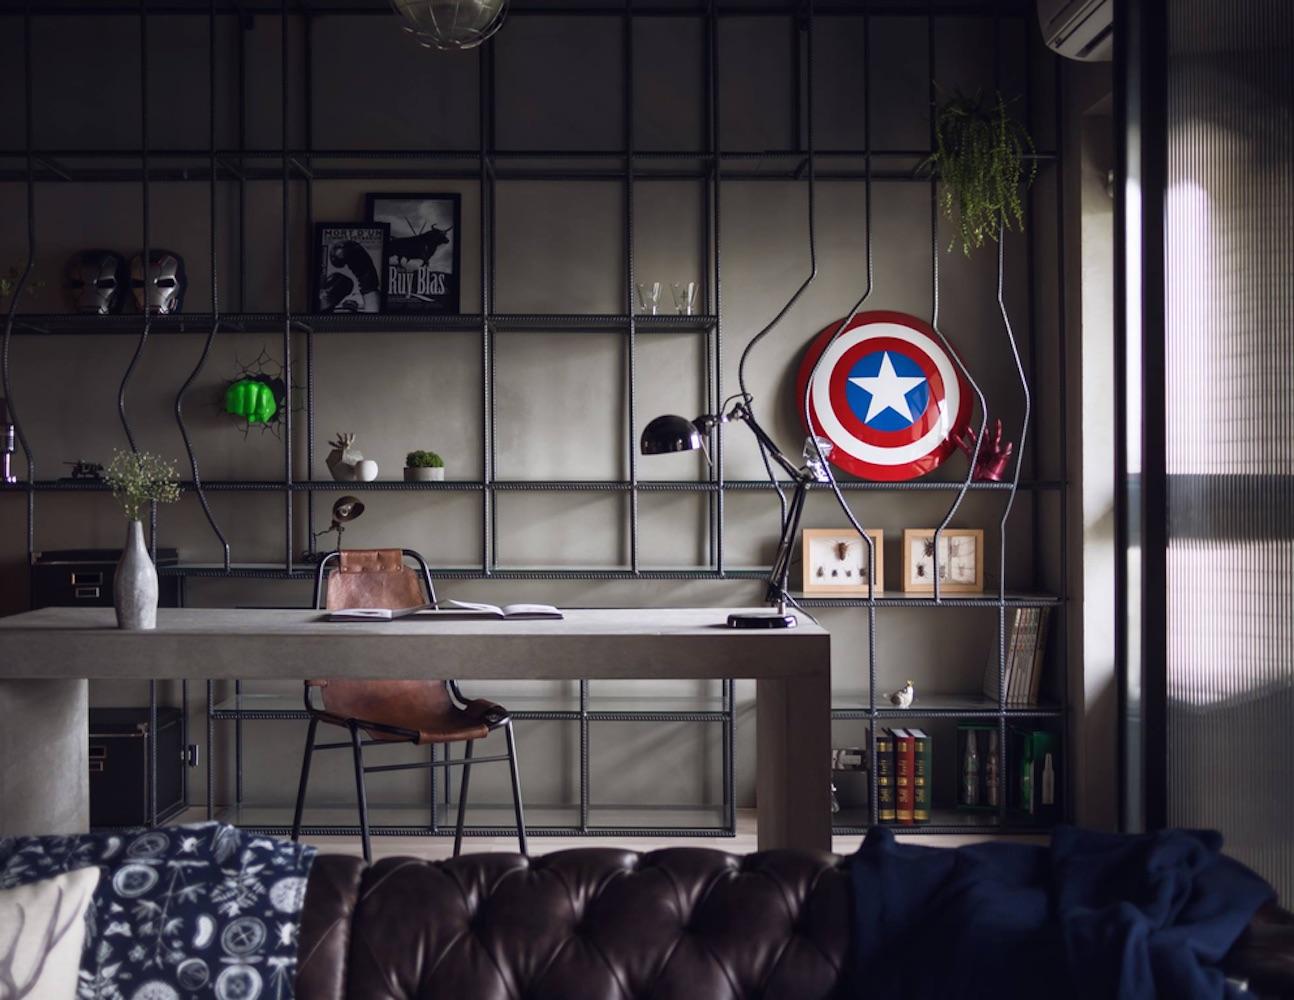 Captain+America+Shield